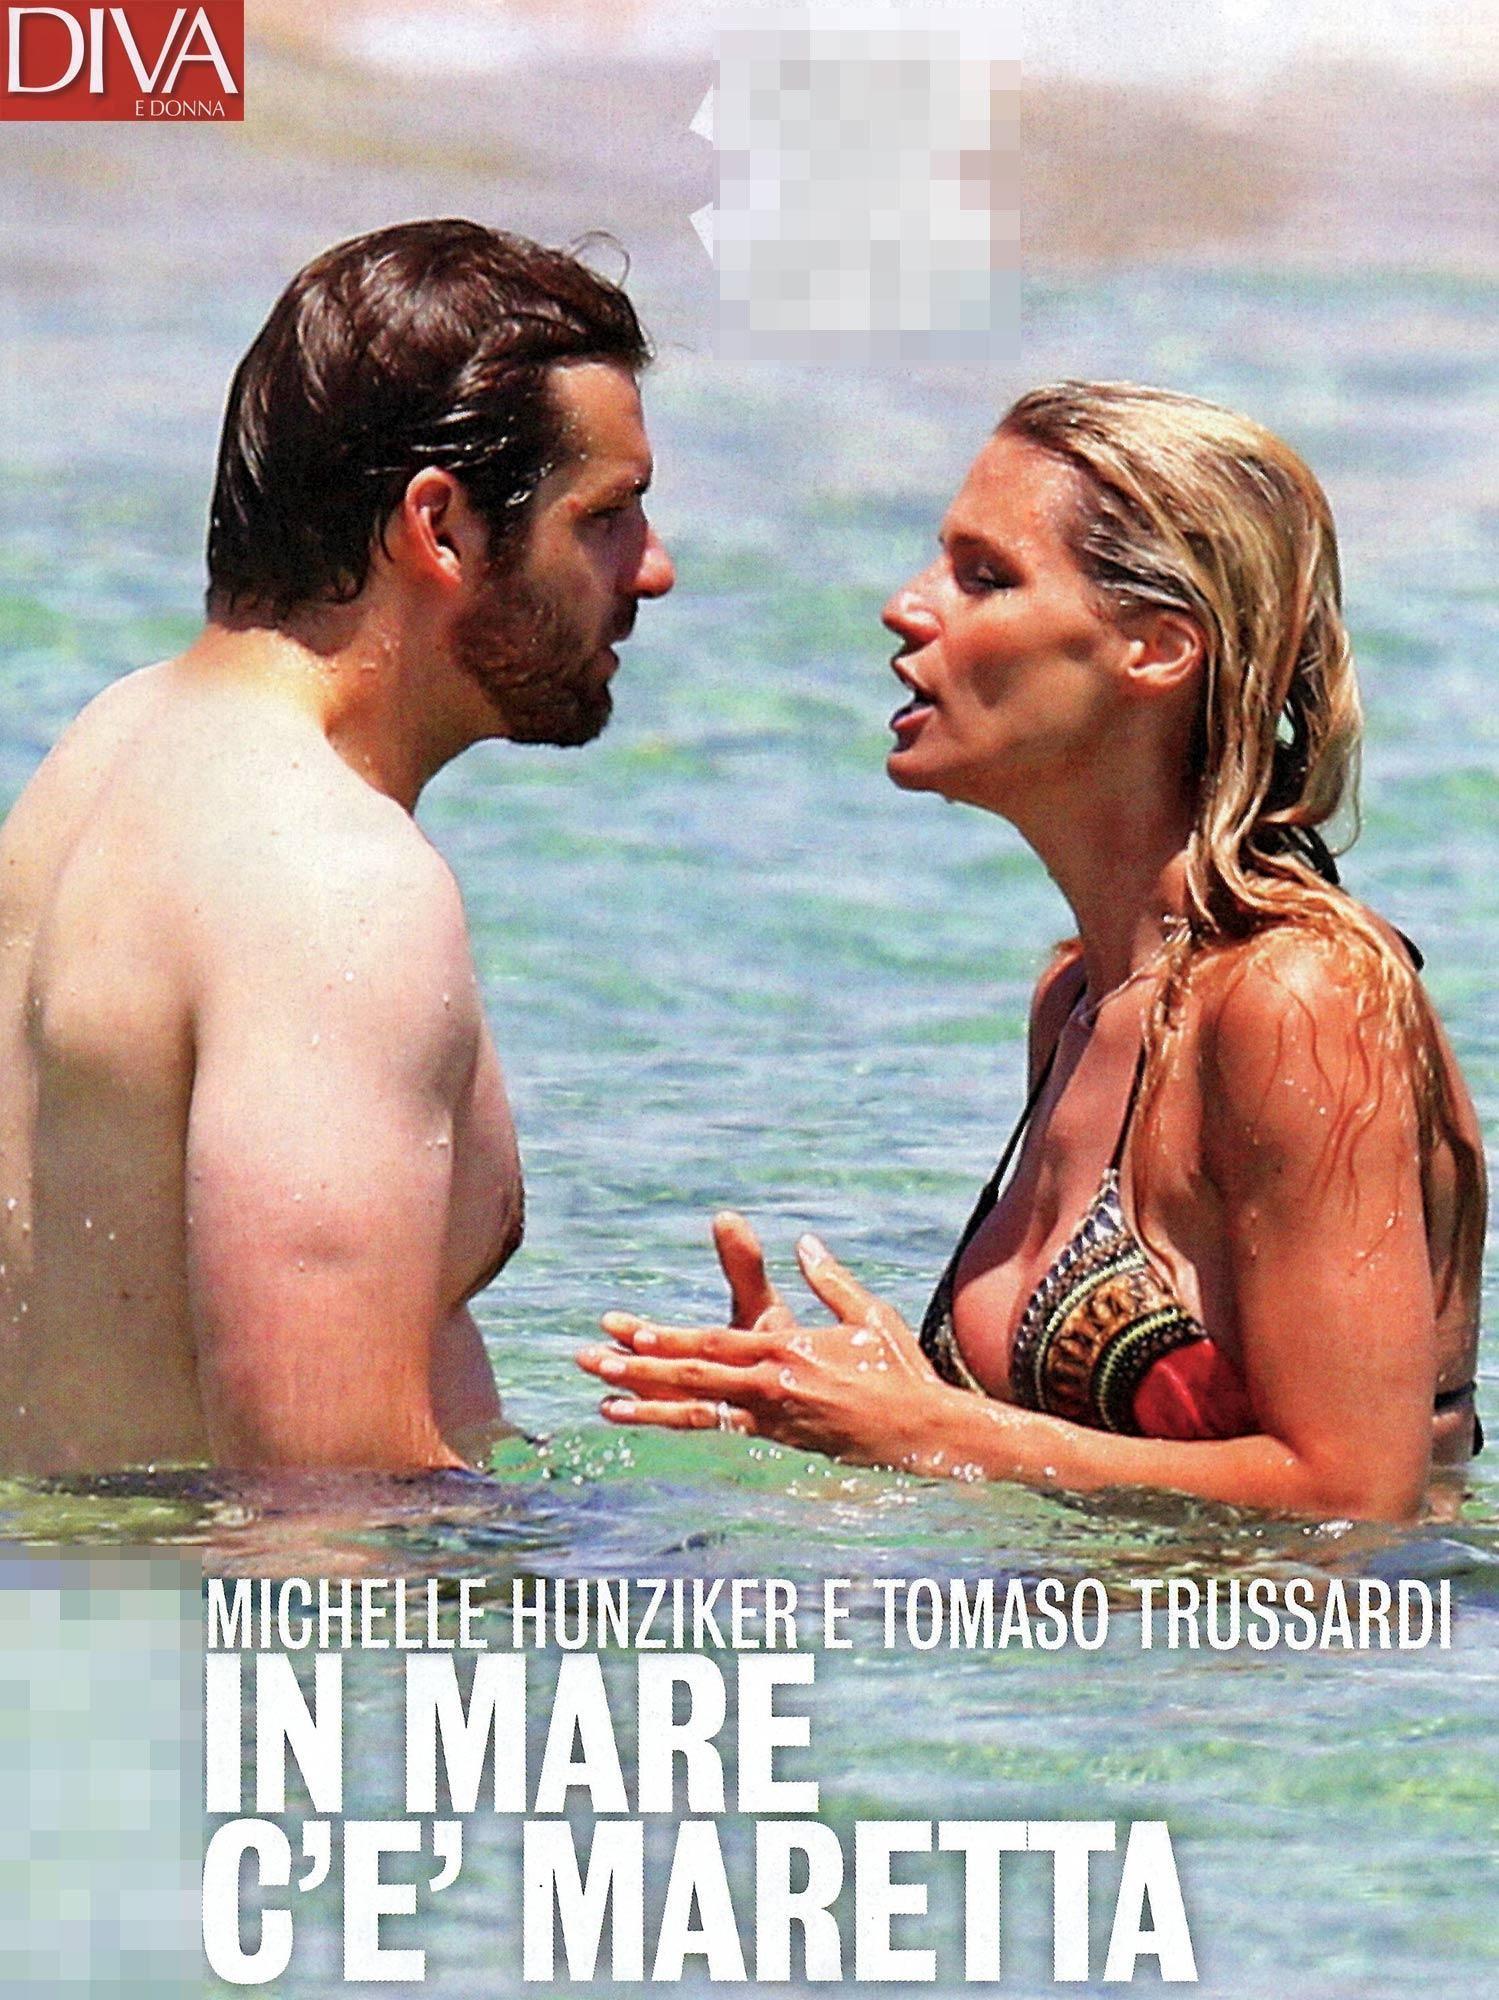 Michelle Hunziker e Tomaso Trussardi litigano di brutto